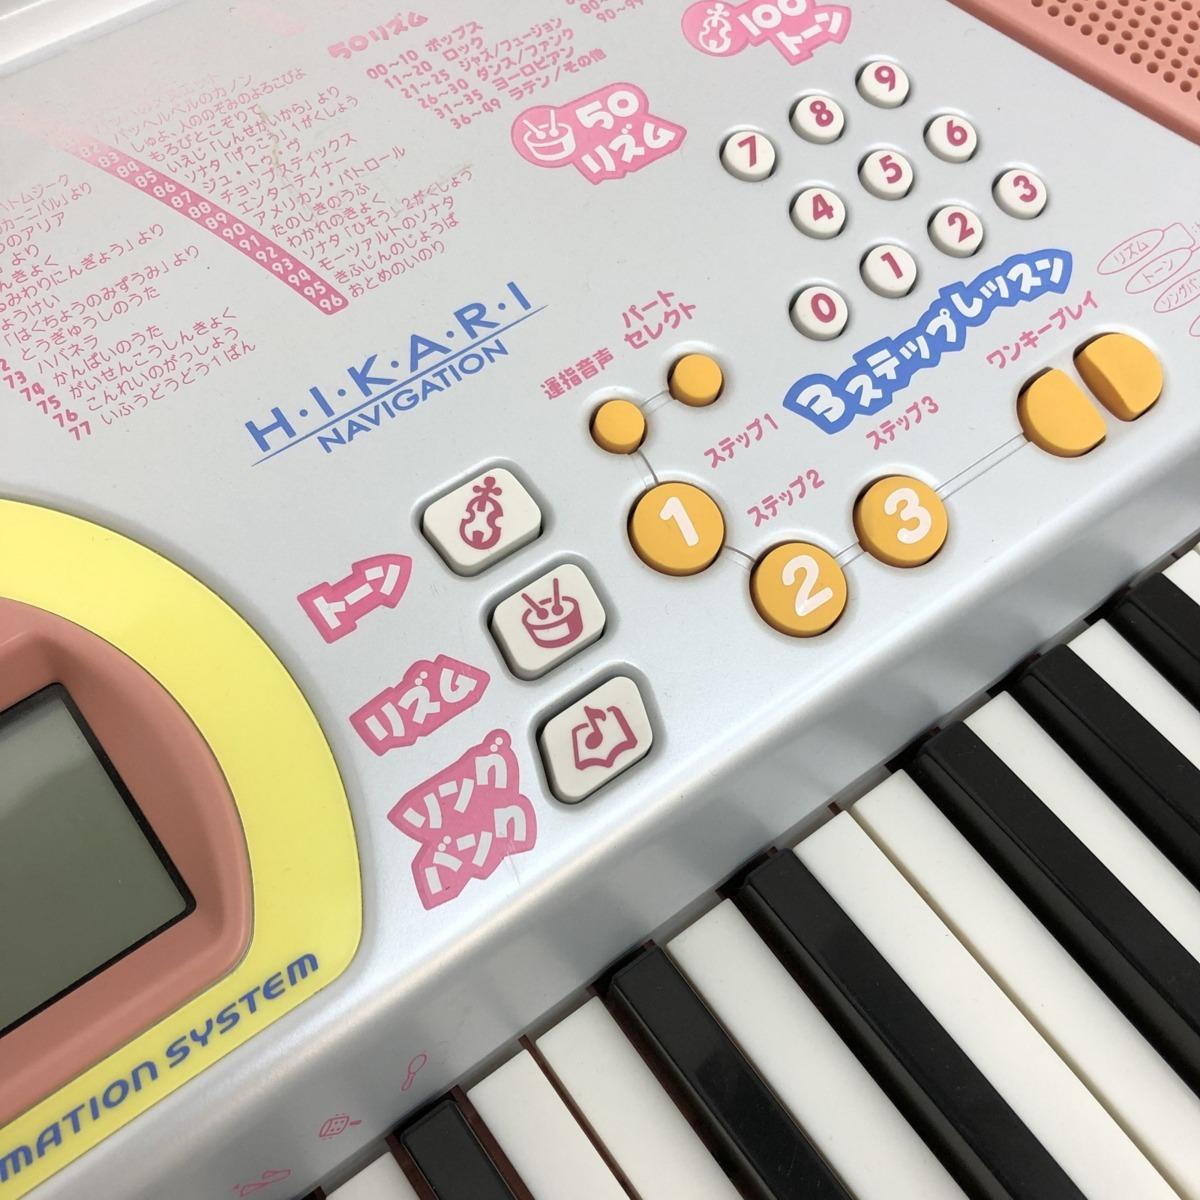 中古 CASIO カシオ 電子キーボード LK-102PK 61鍵盤 光ナビゲーション シルバー ピンク系 ポップカラー 電子ピアノ H15209_画像9